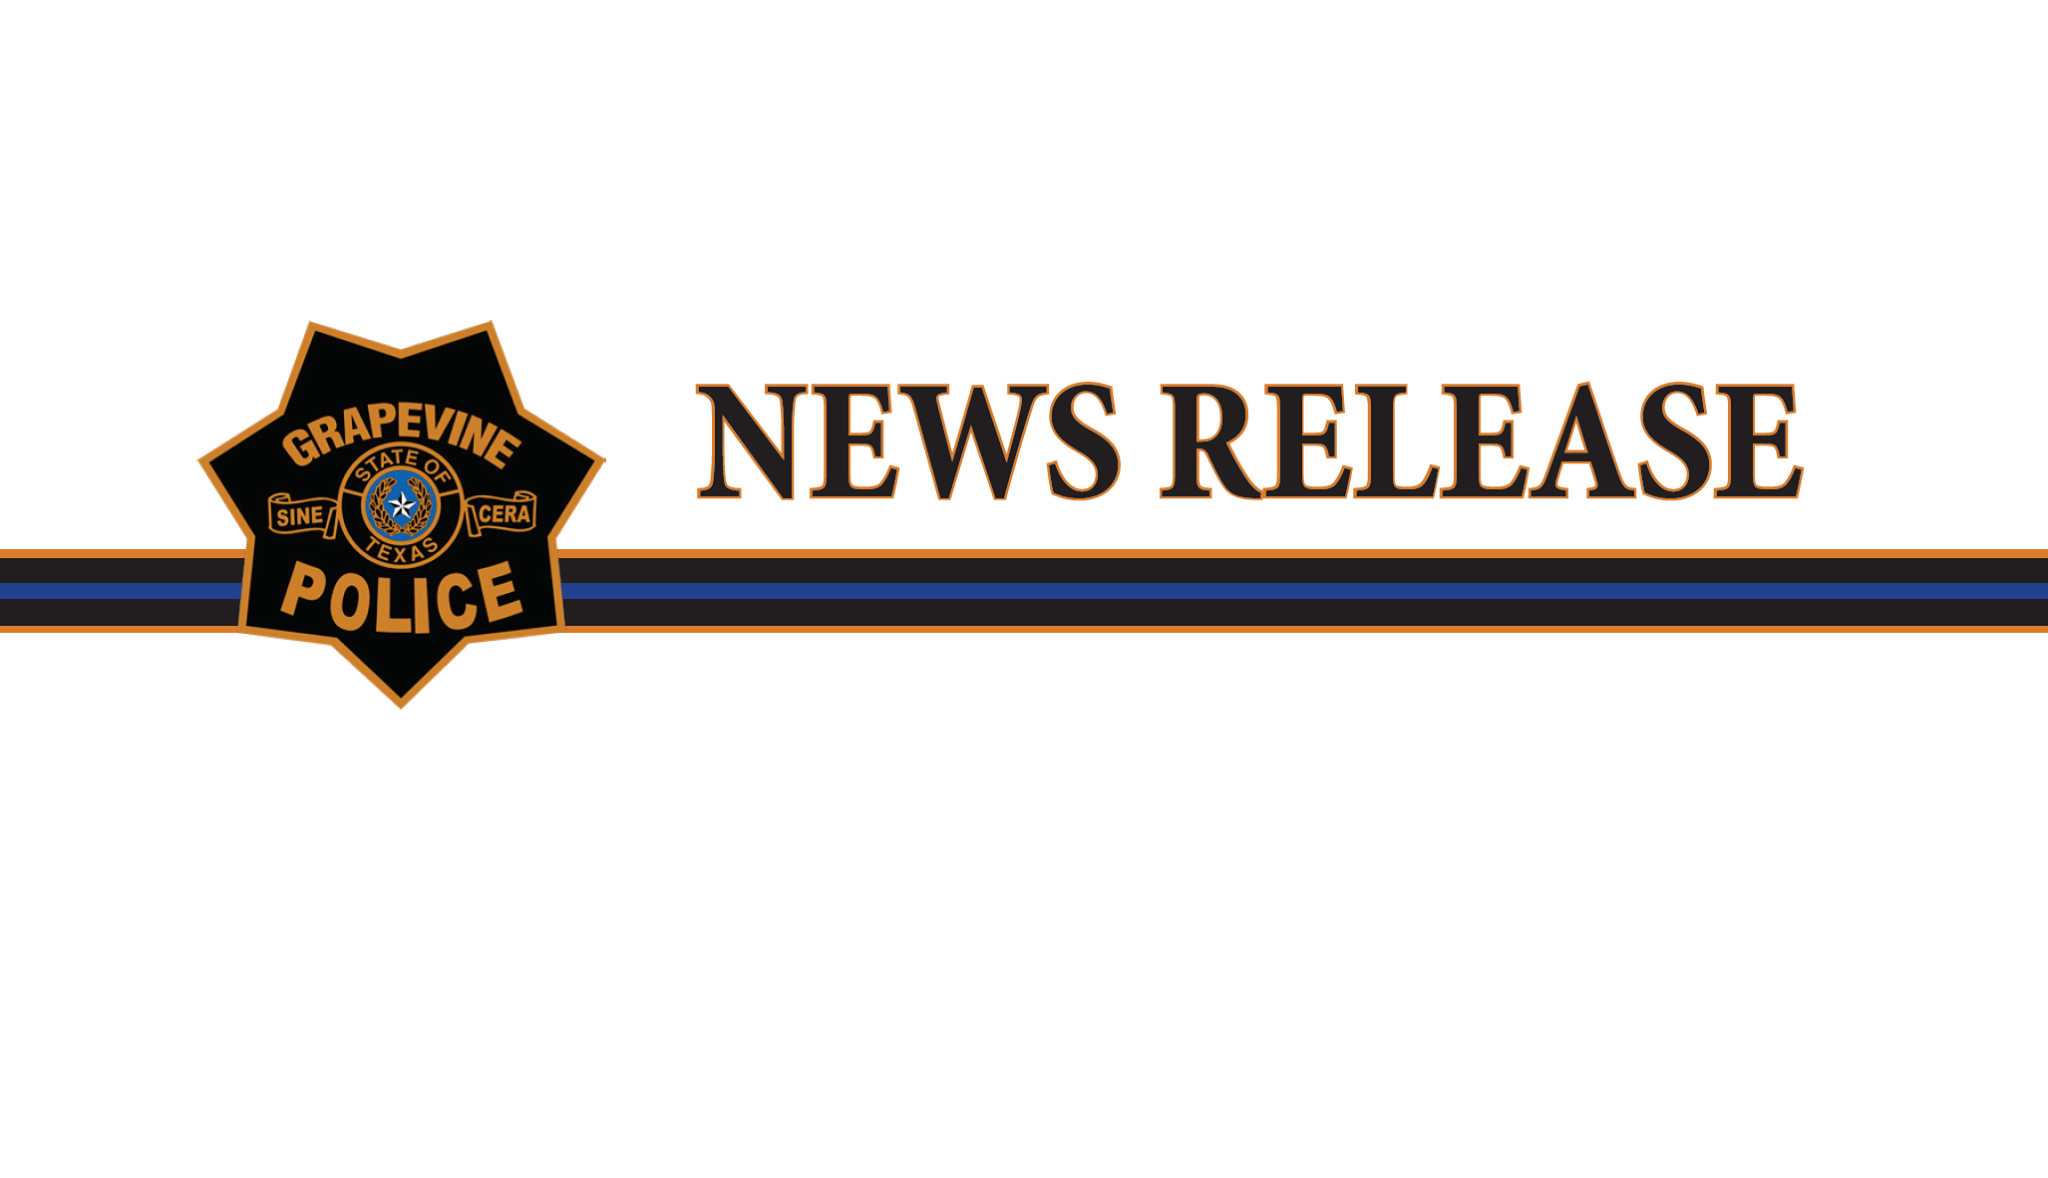 Grapevine Police press release